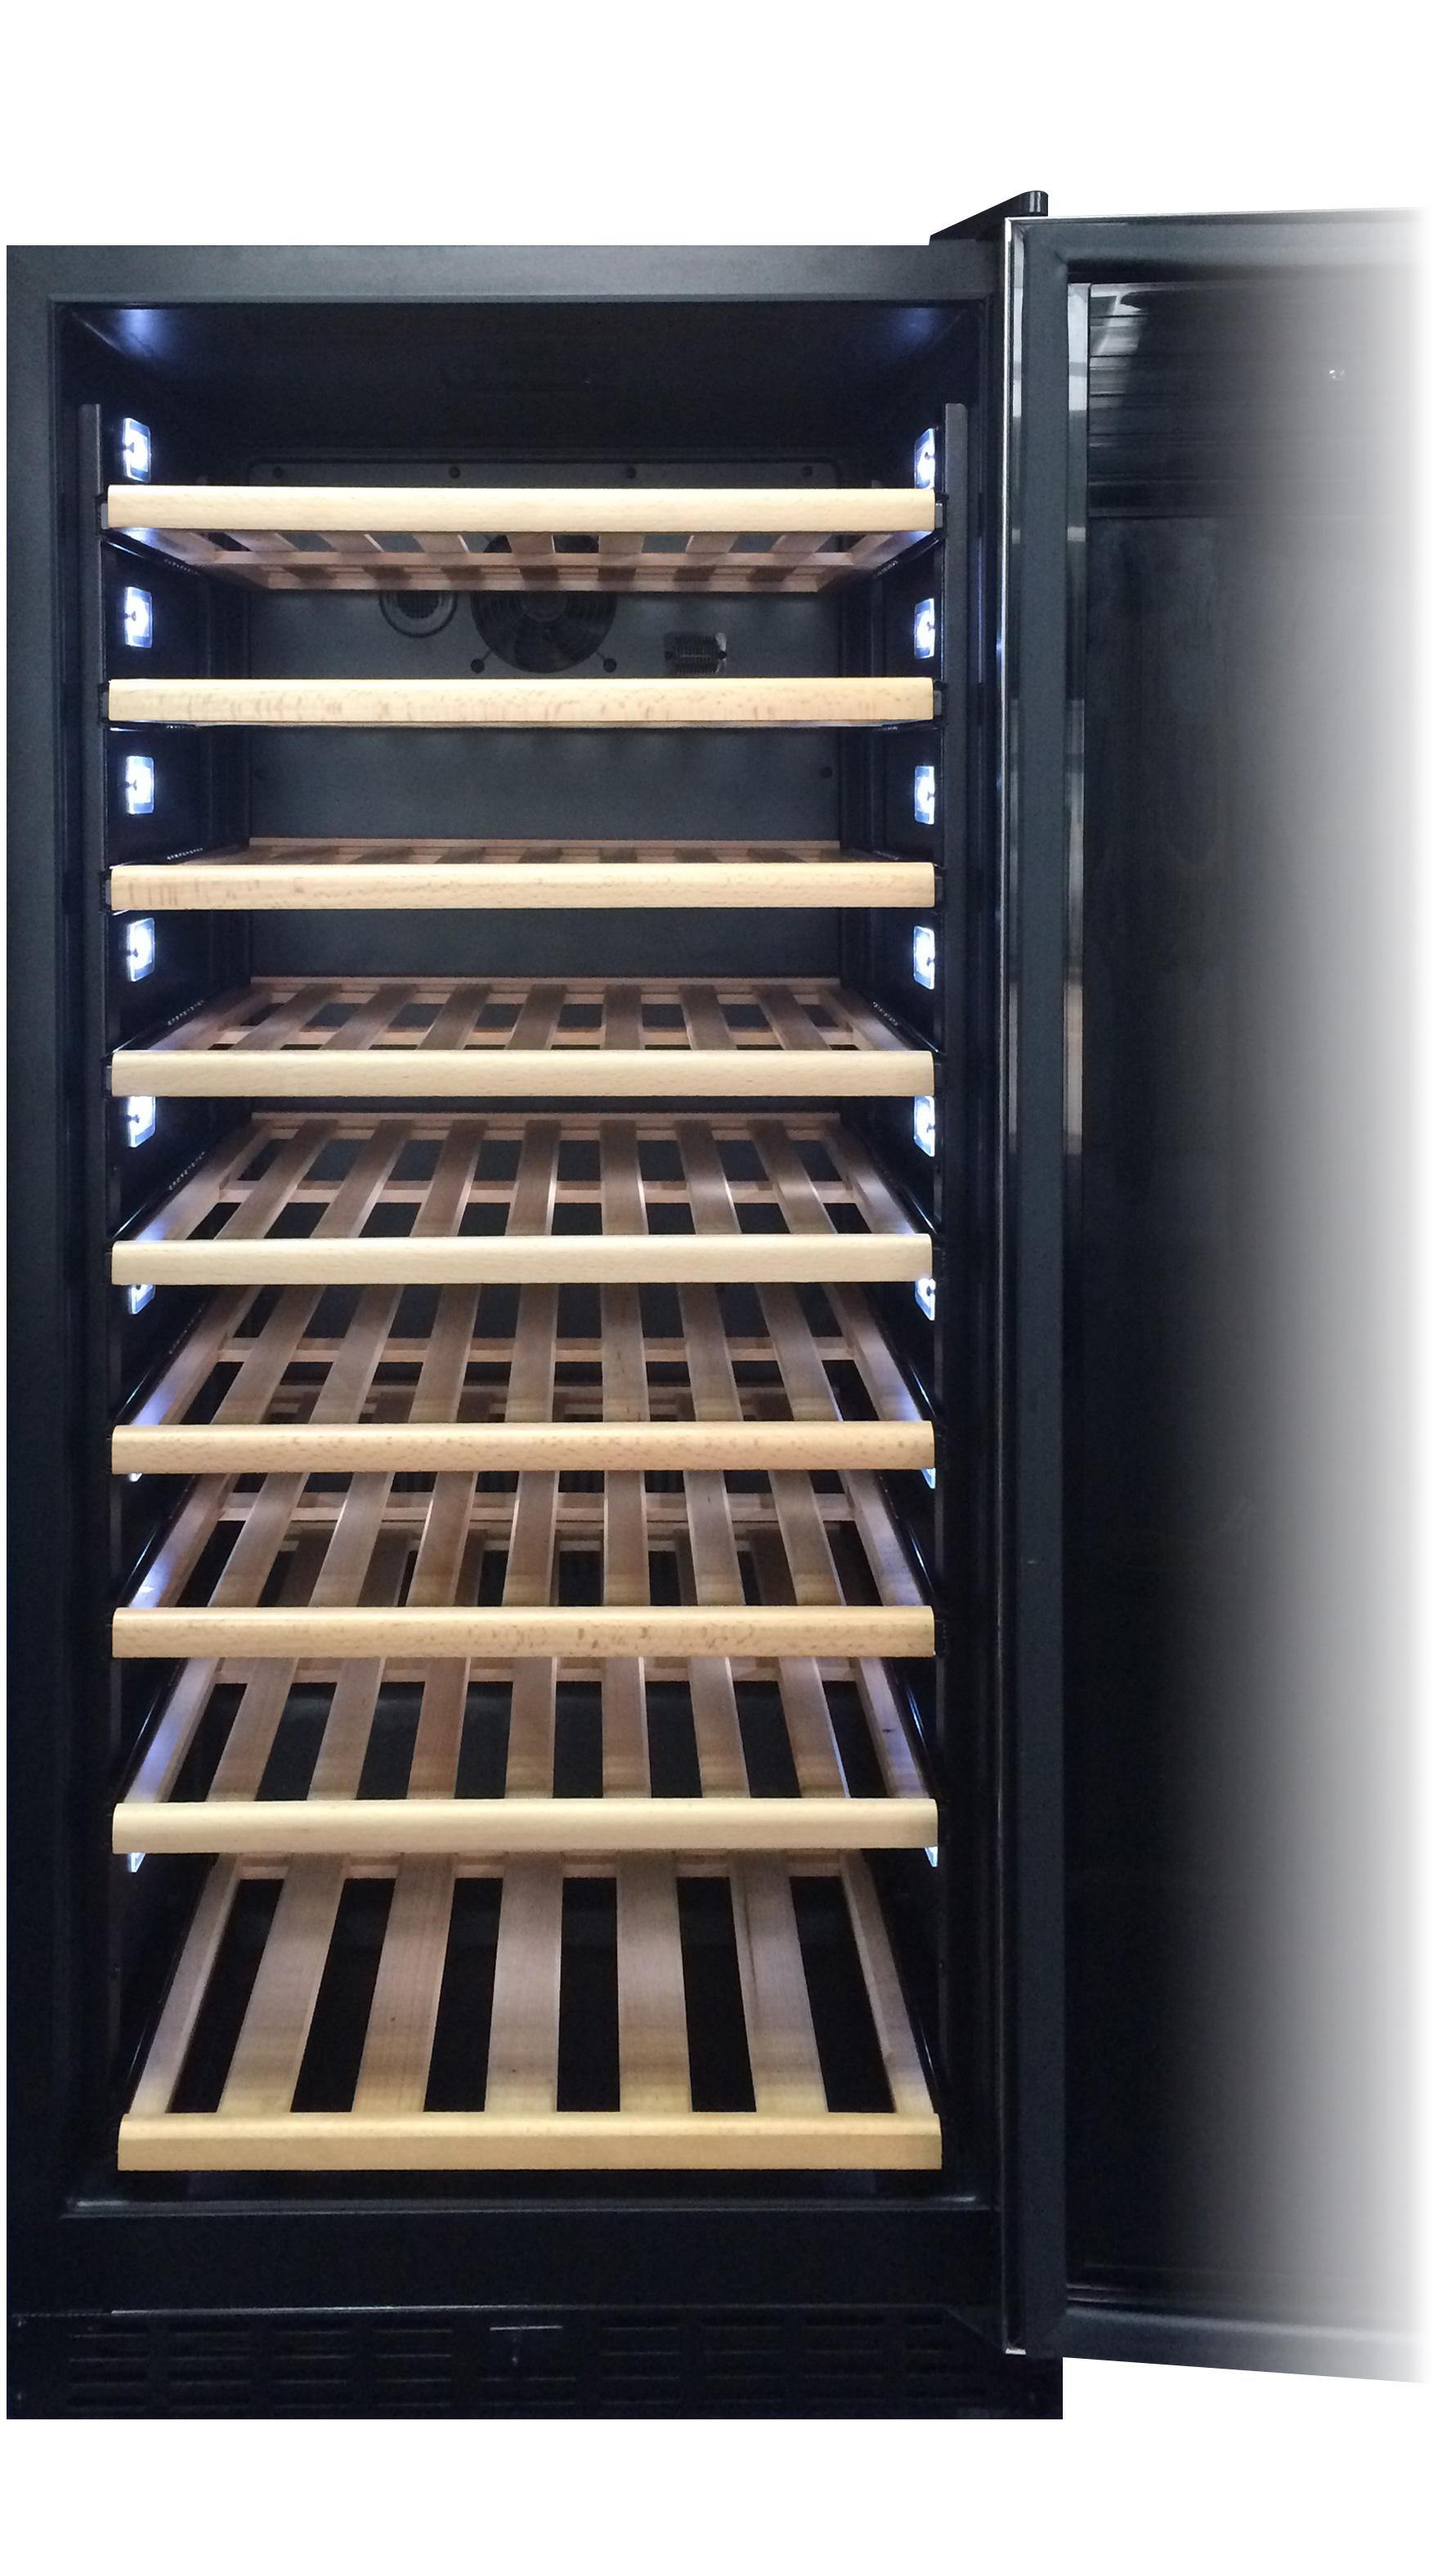 エディフラン カーヴ EF3-S-BG はワインに温度変化を与える機能に特化しています。